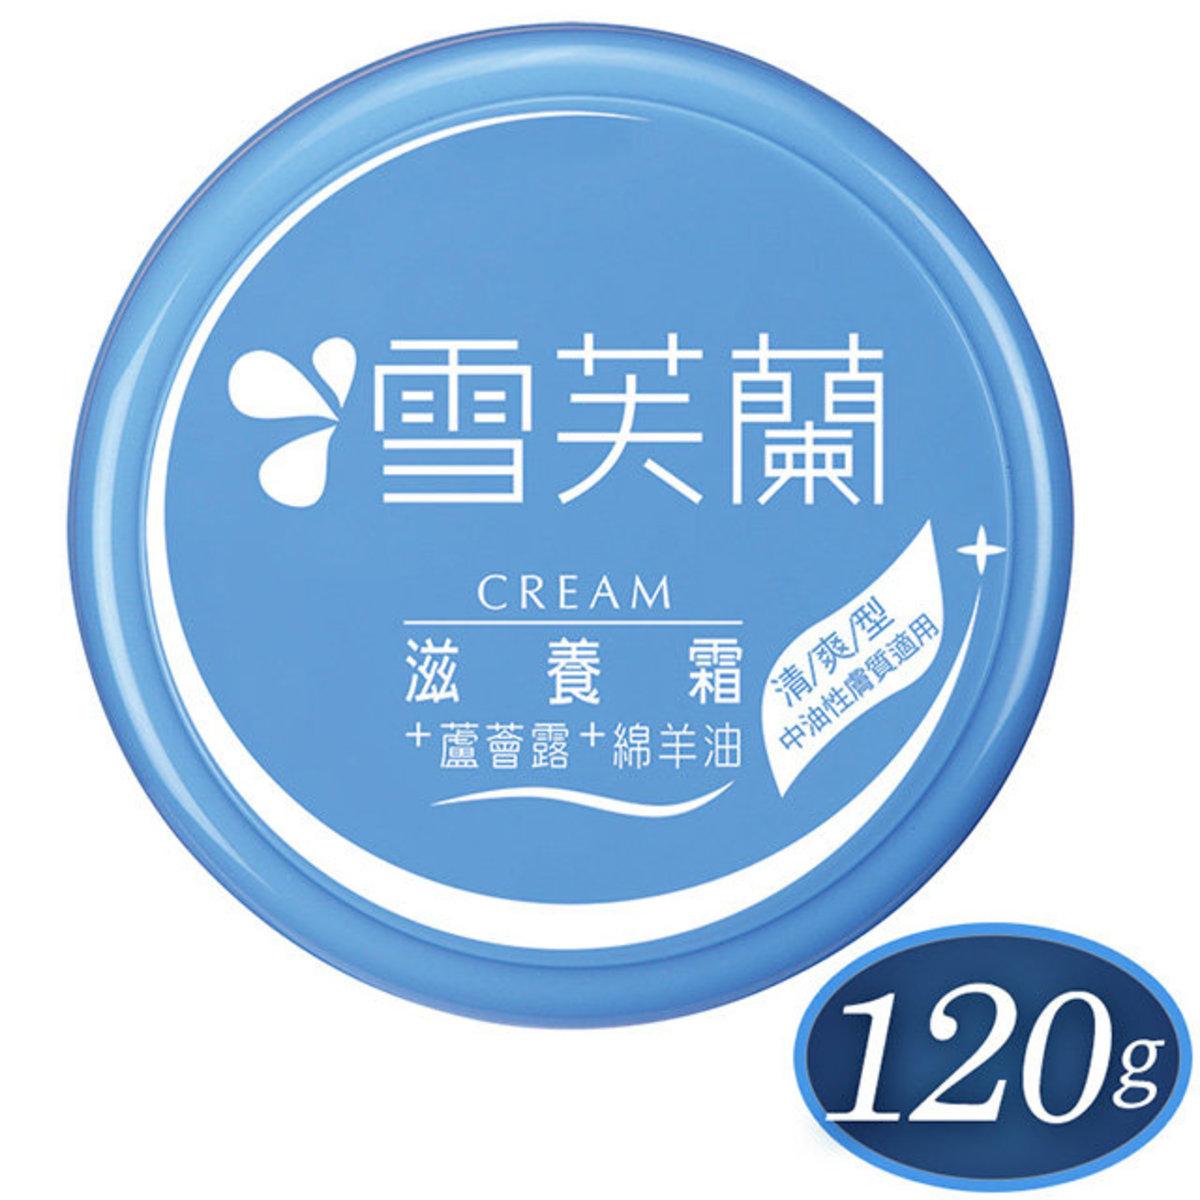 Nourishing cream 120g refreshing type (4710221310180)